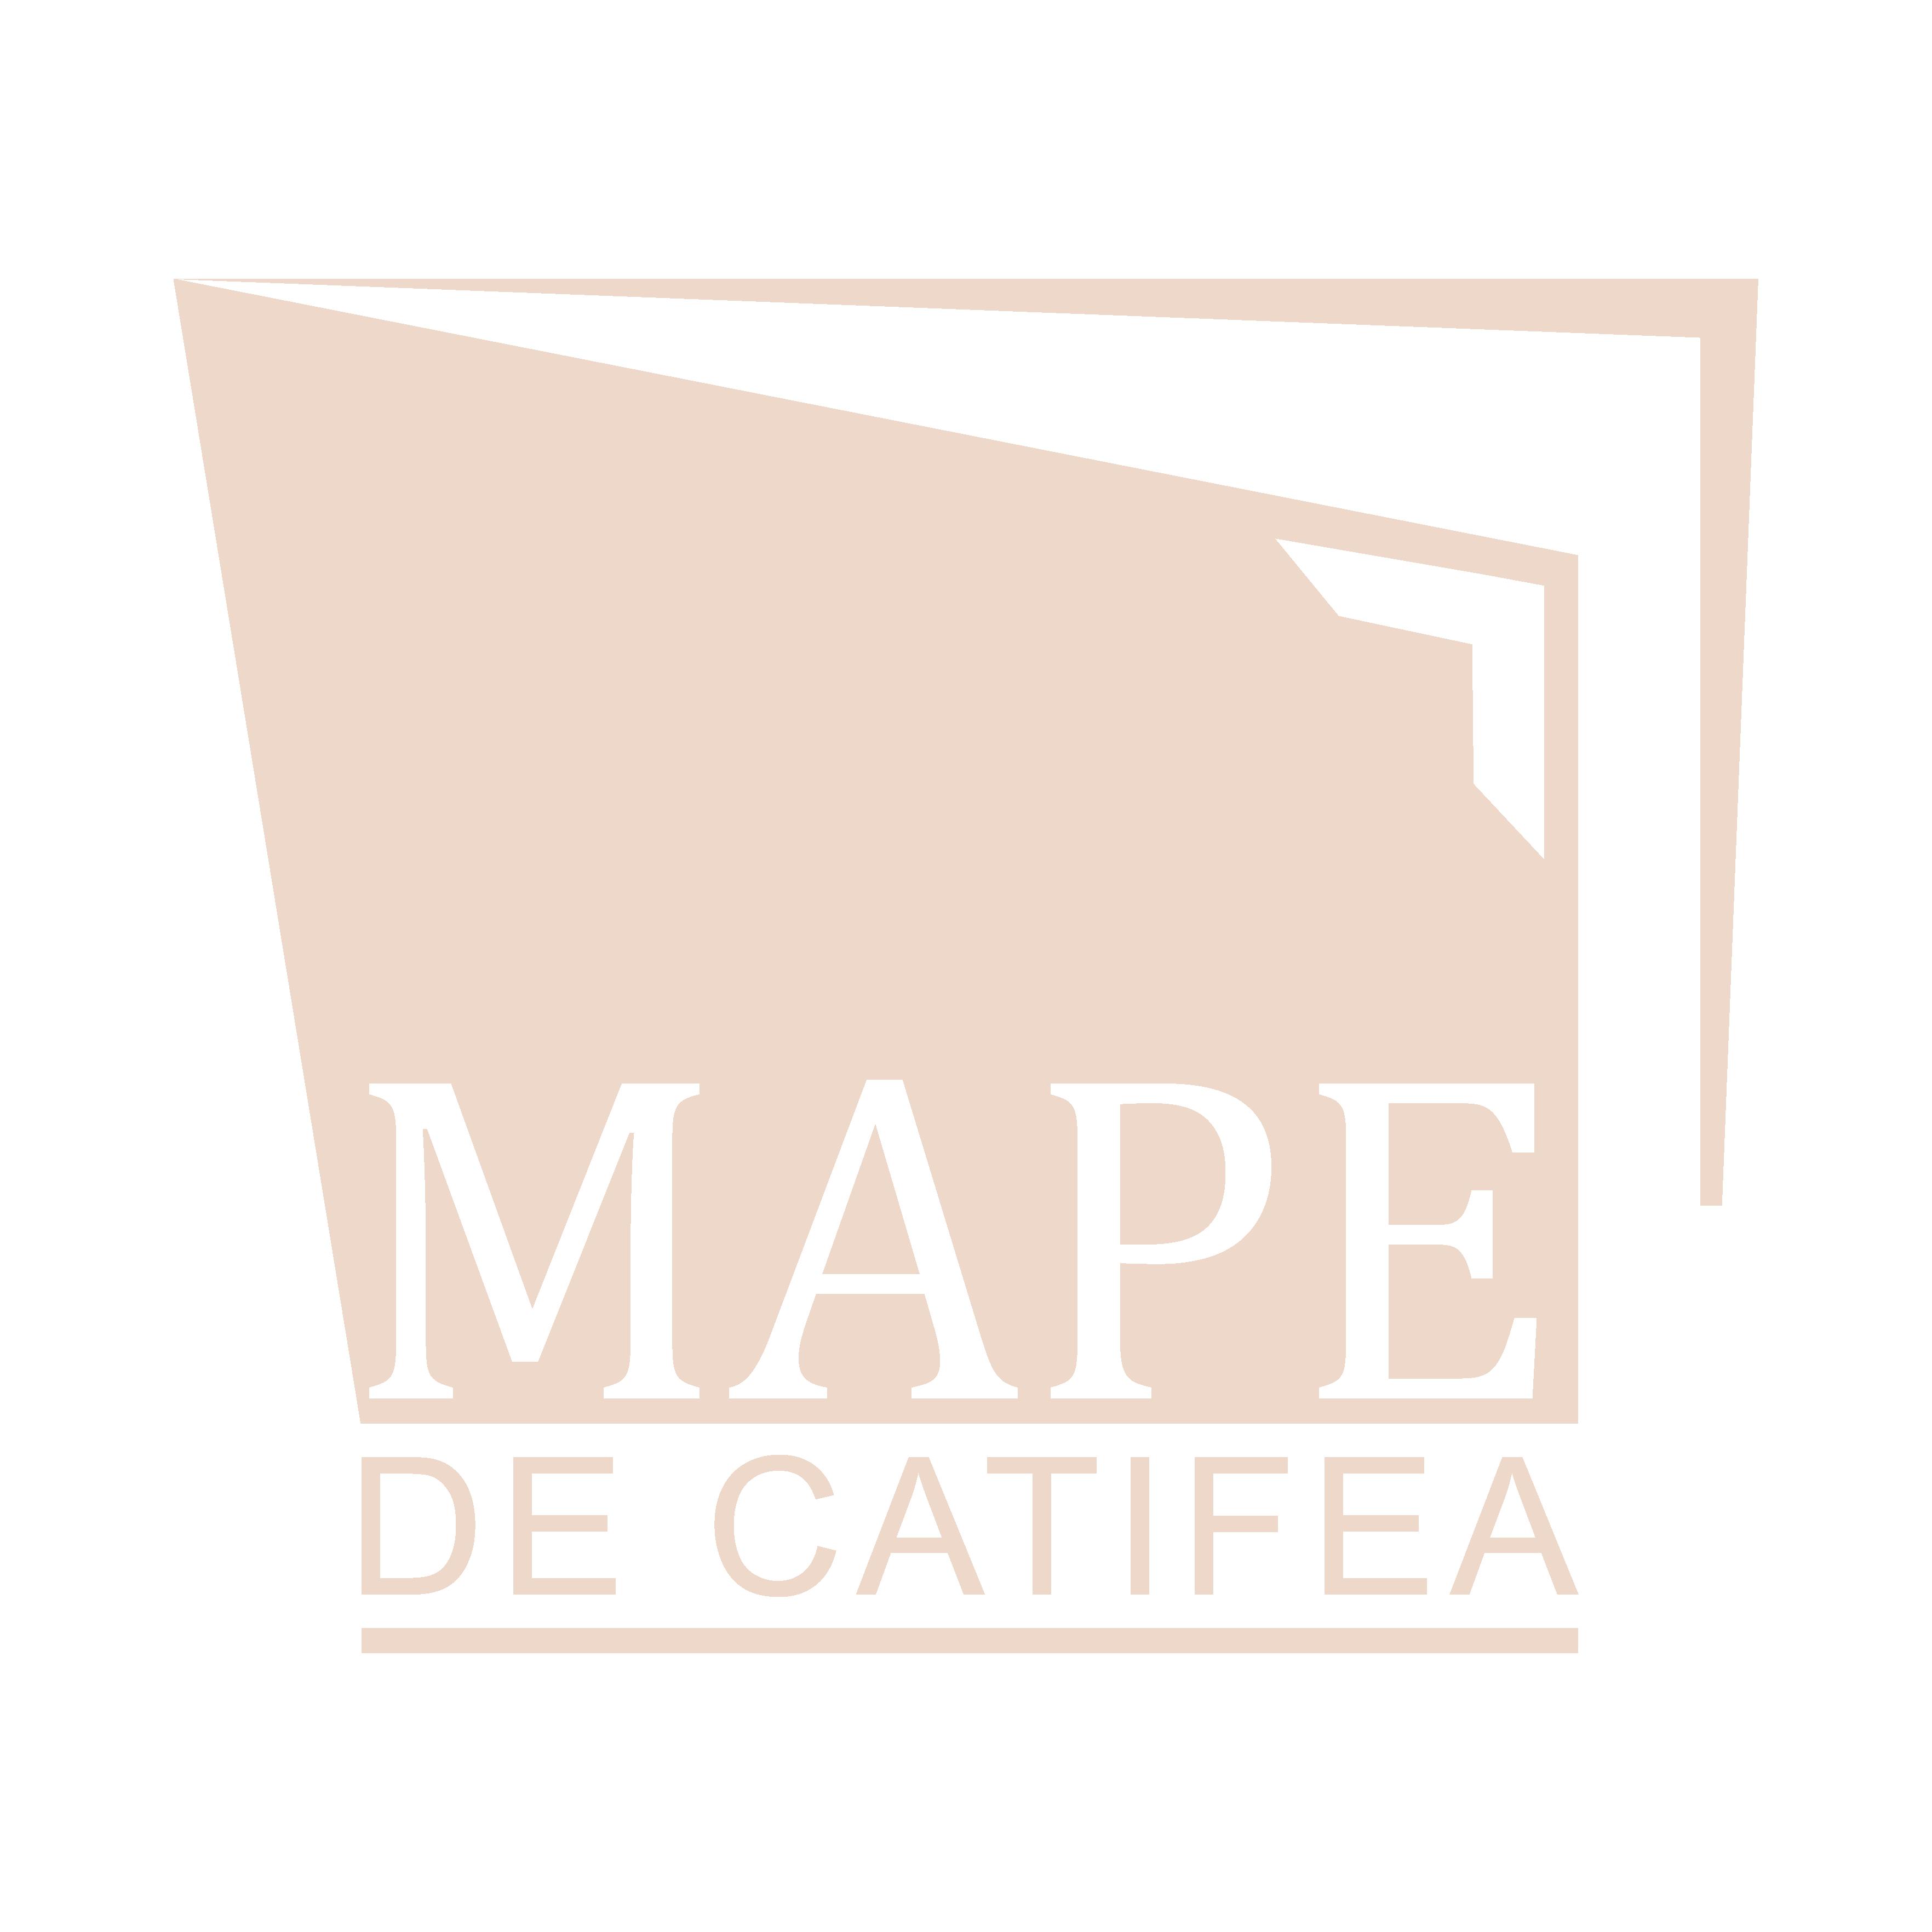 Mape de Catifea